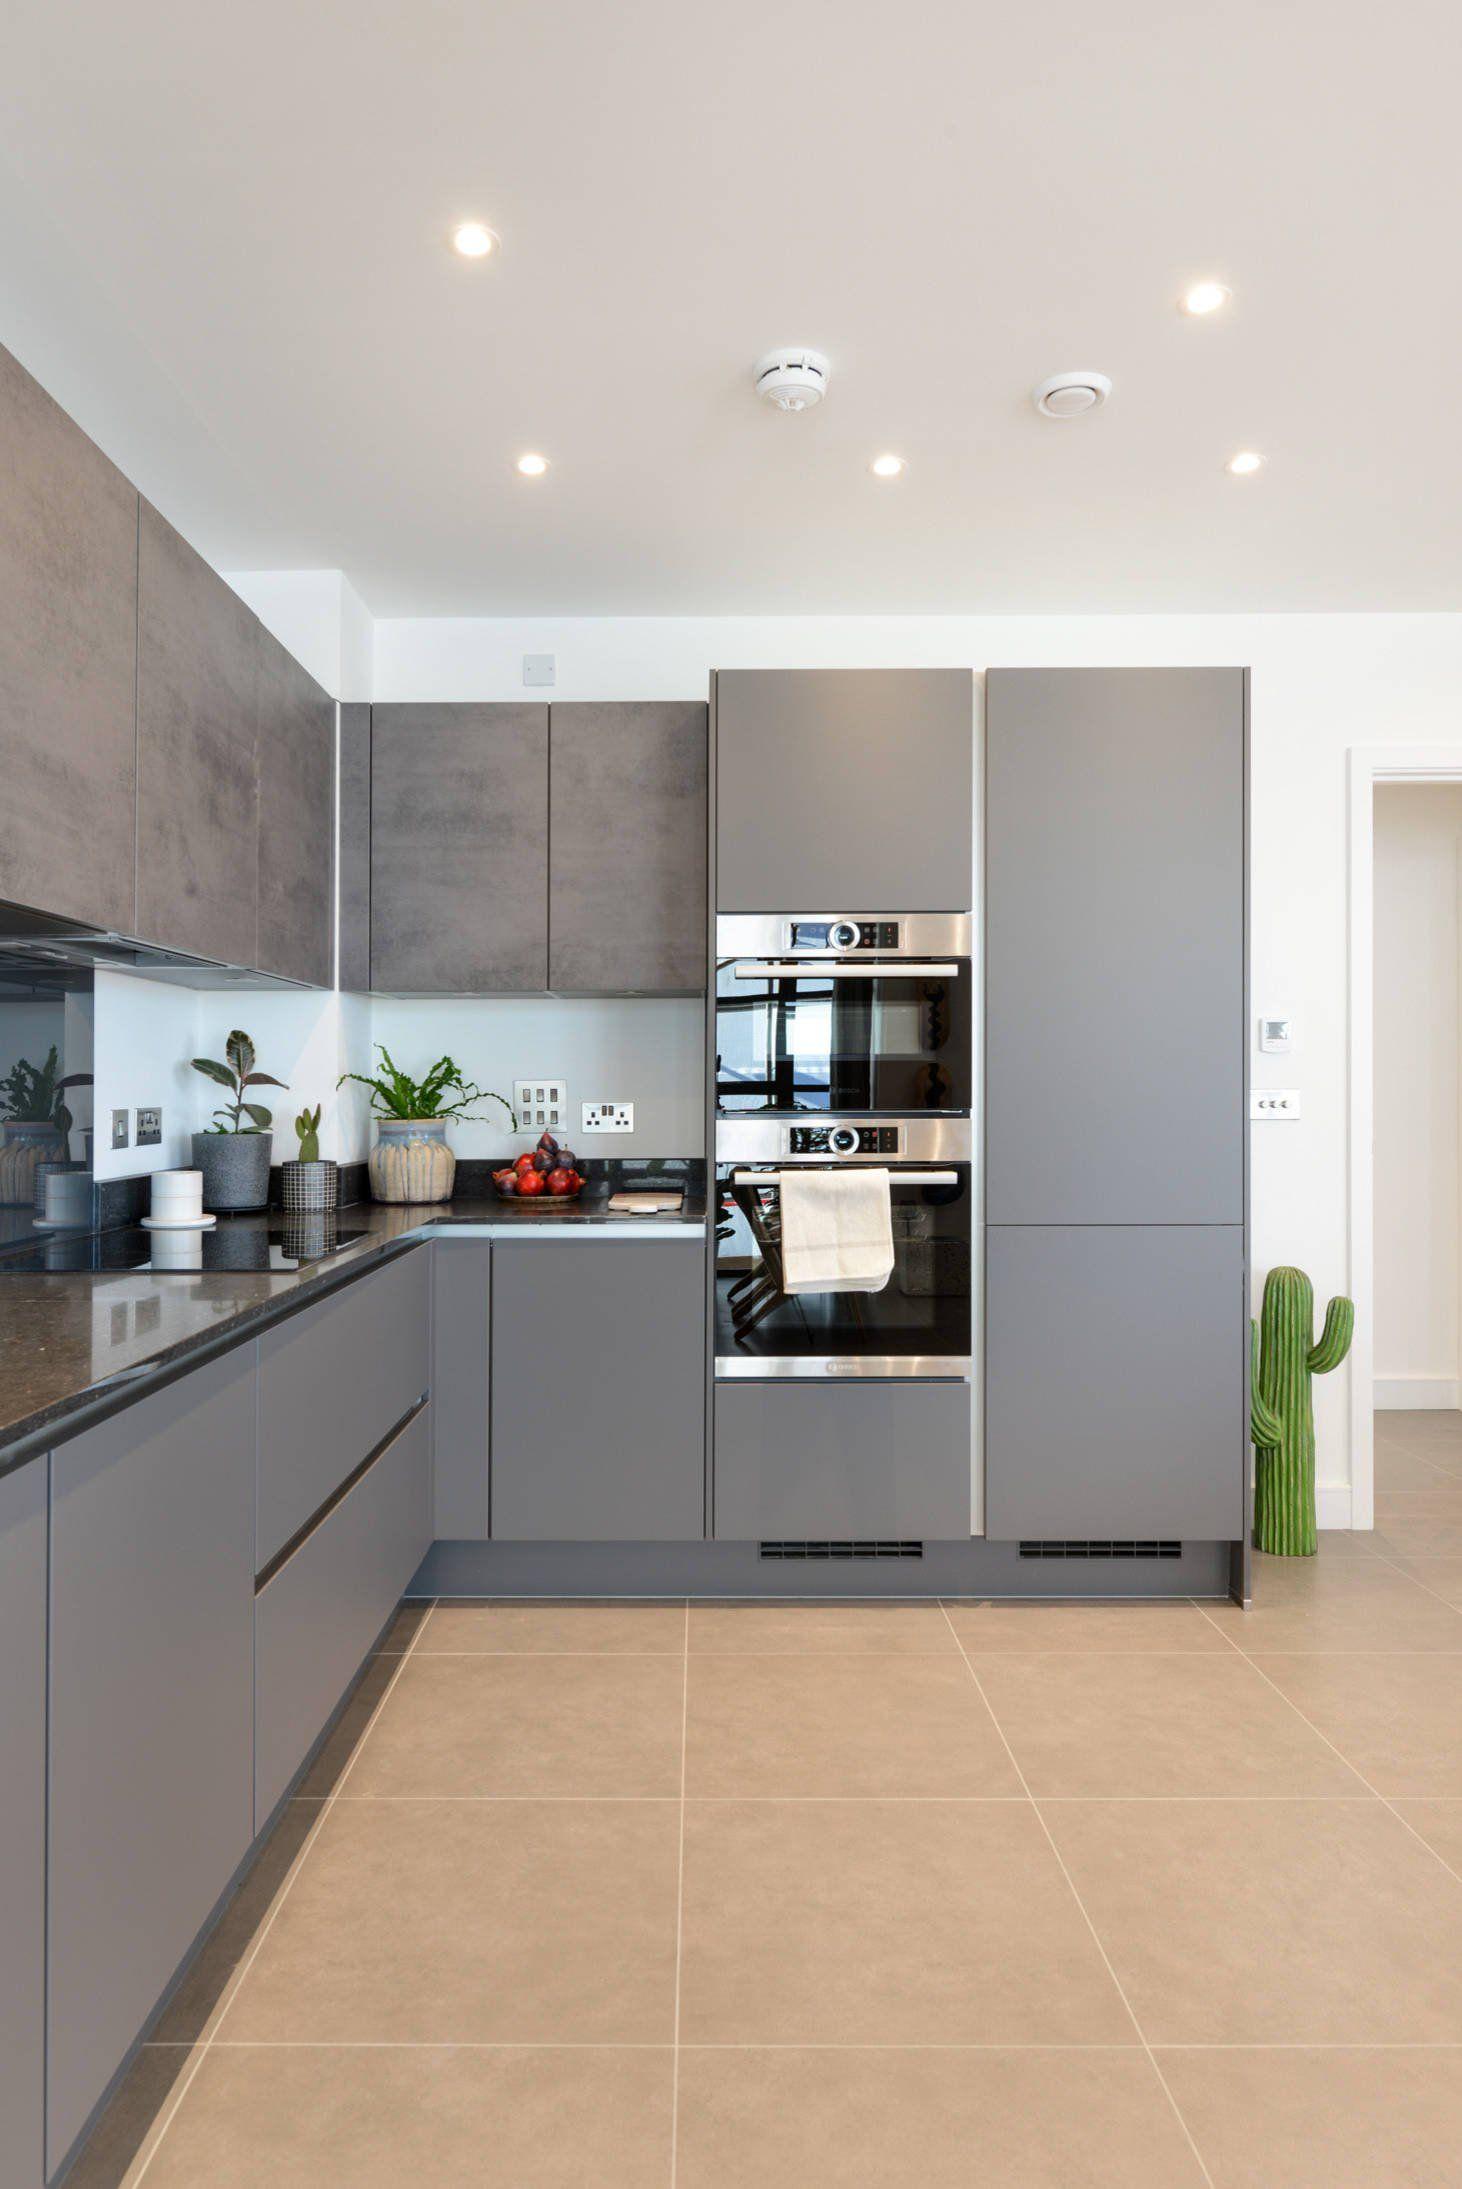 16 Schone Vielseitige Kuchen Interieur Designs Die Sie Blenden Werden Kuchen Design Kuchendesign Interieur